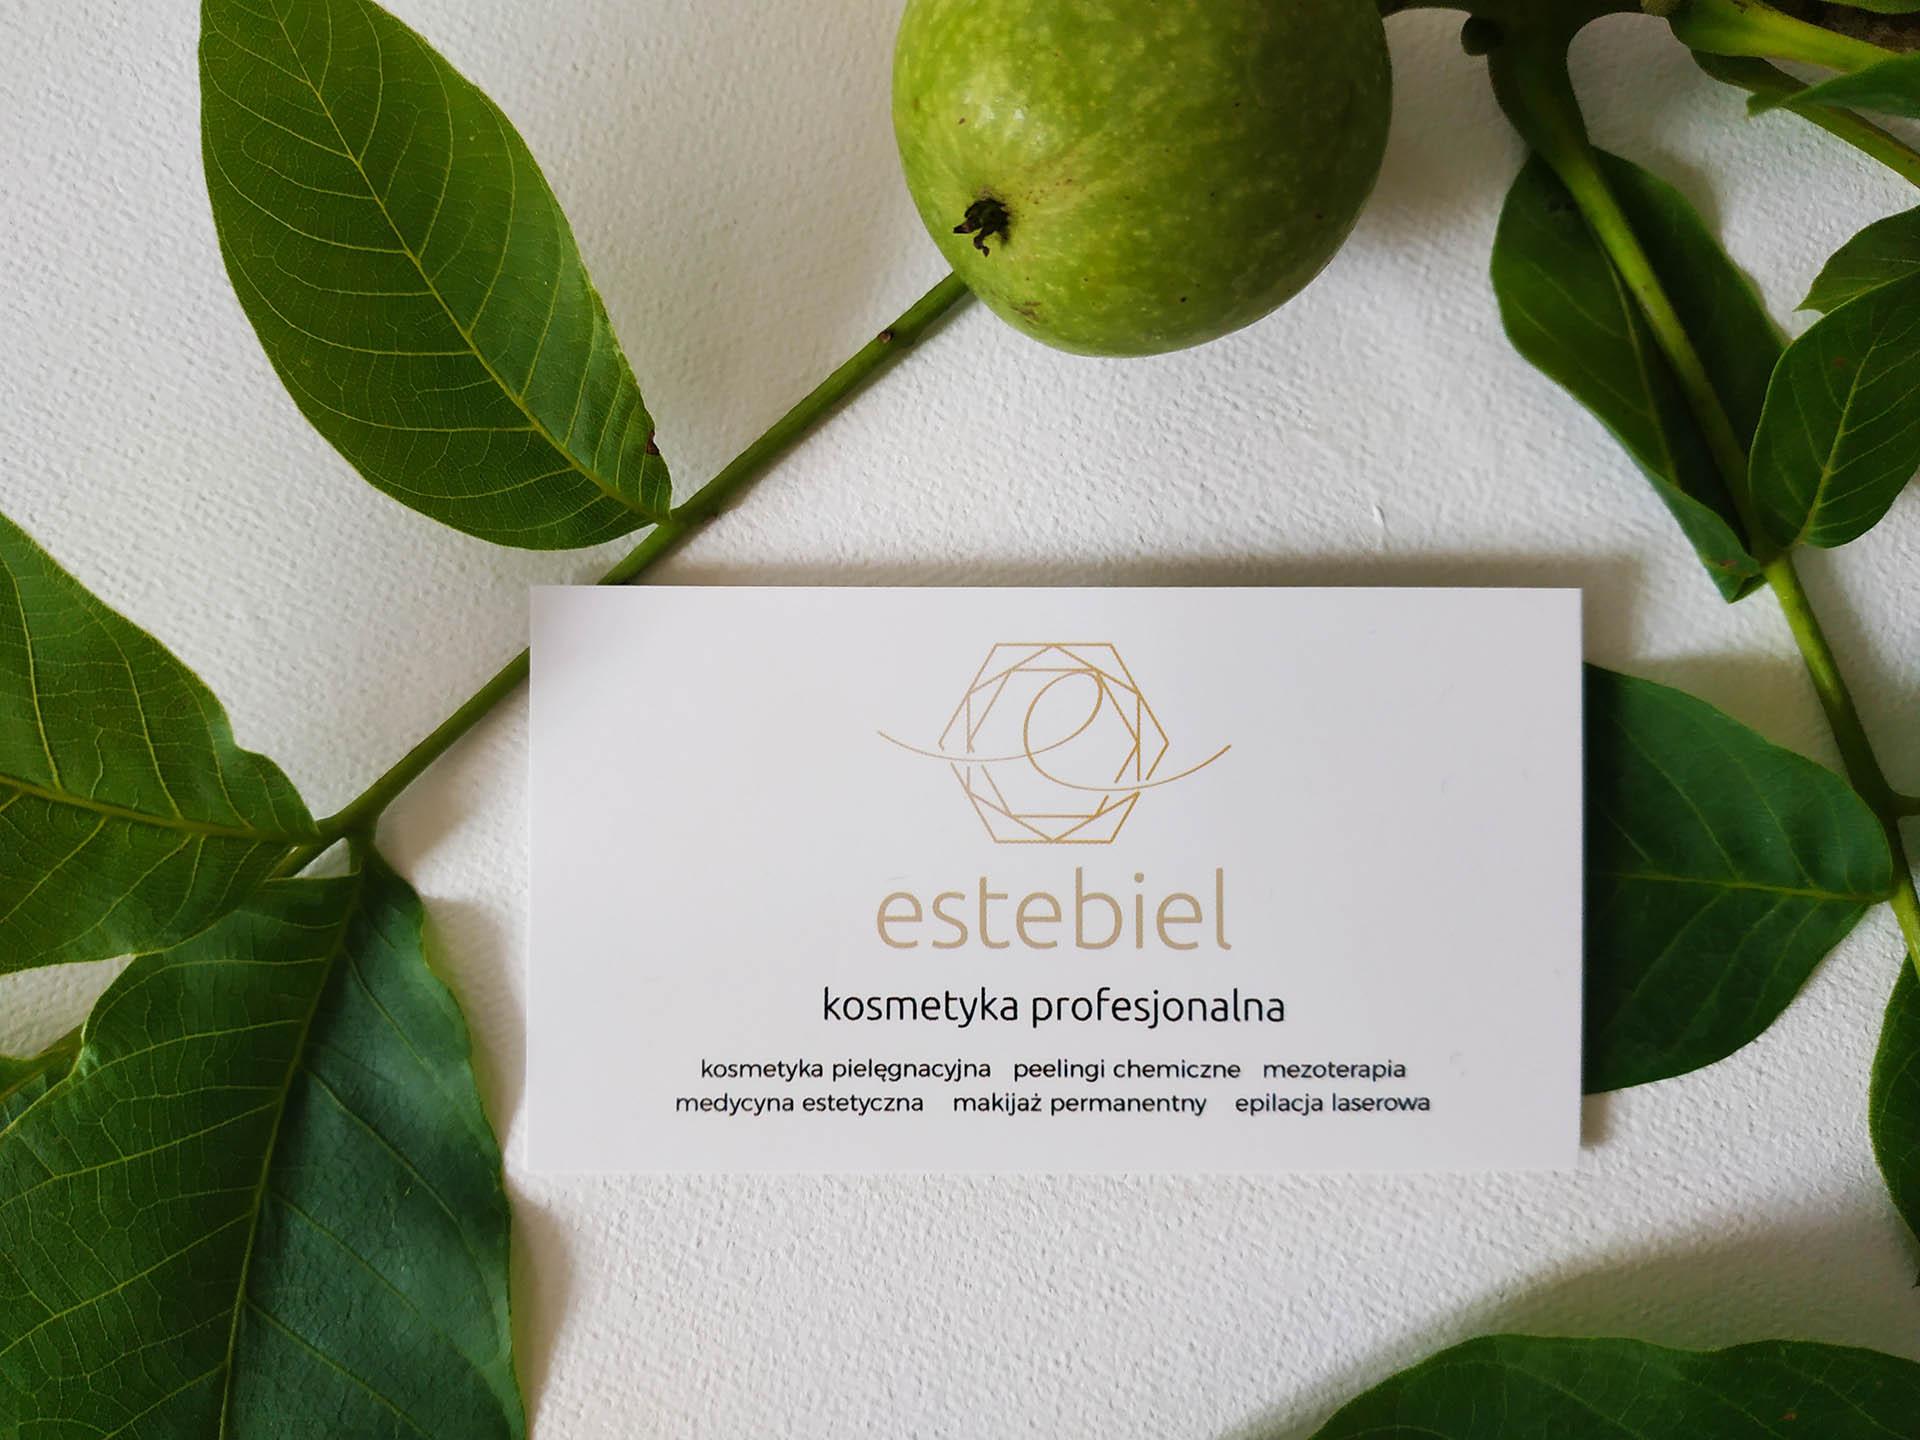 Estebiel - kosmetyka profesjonalna - wizytówka